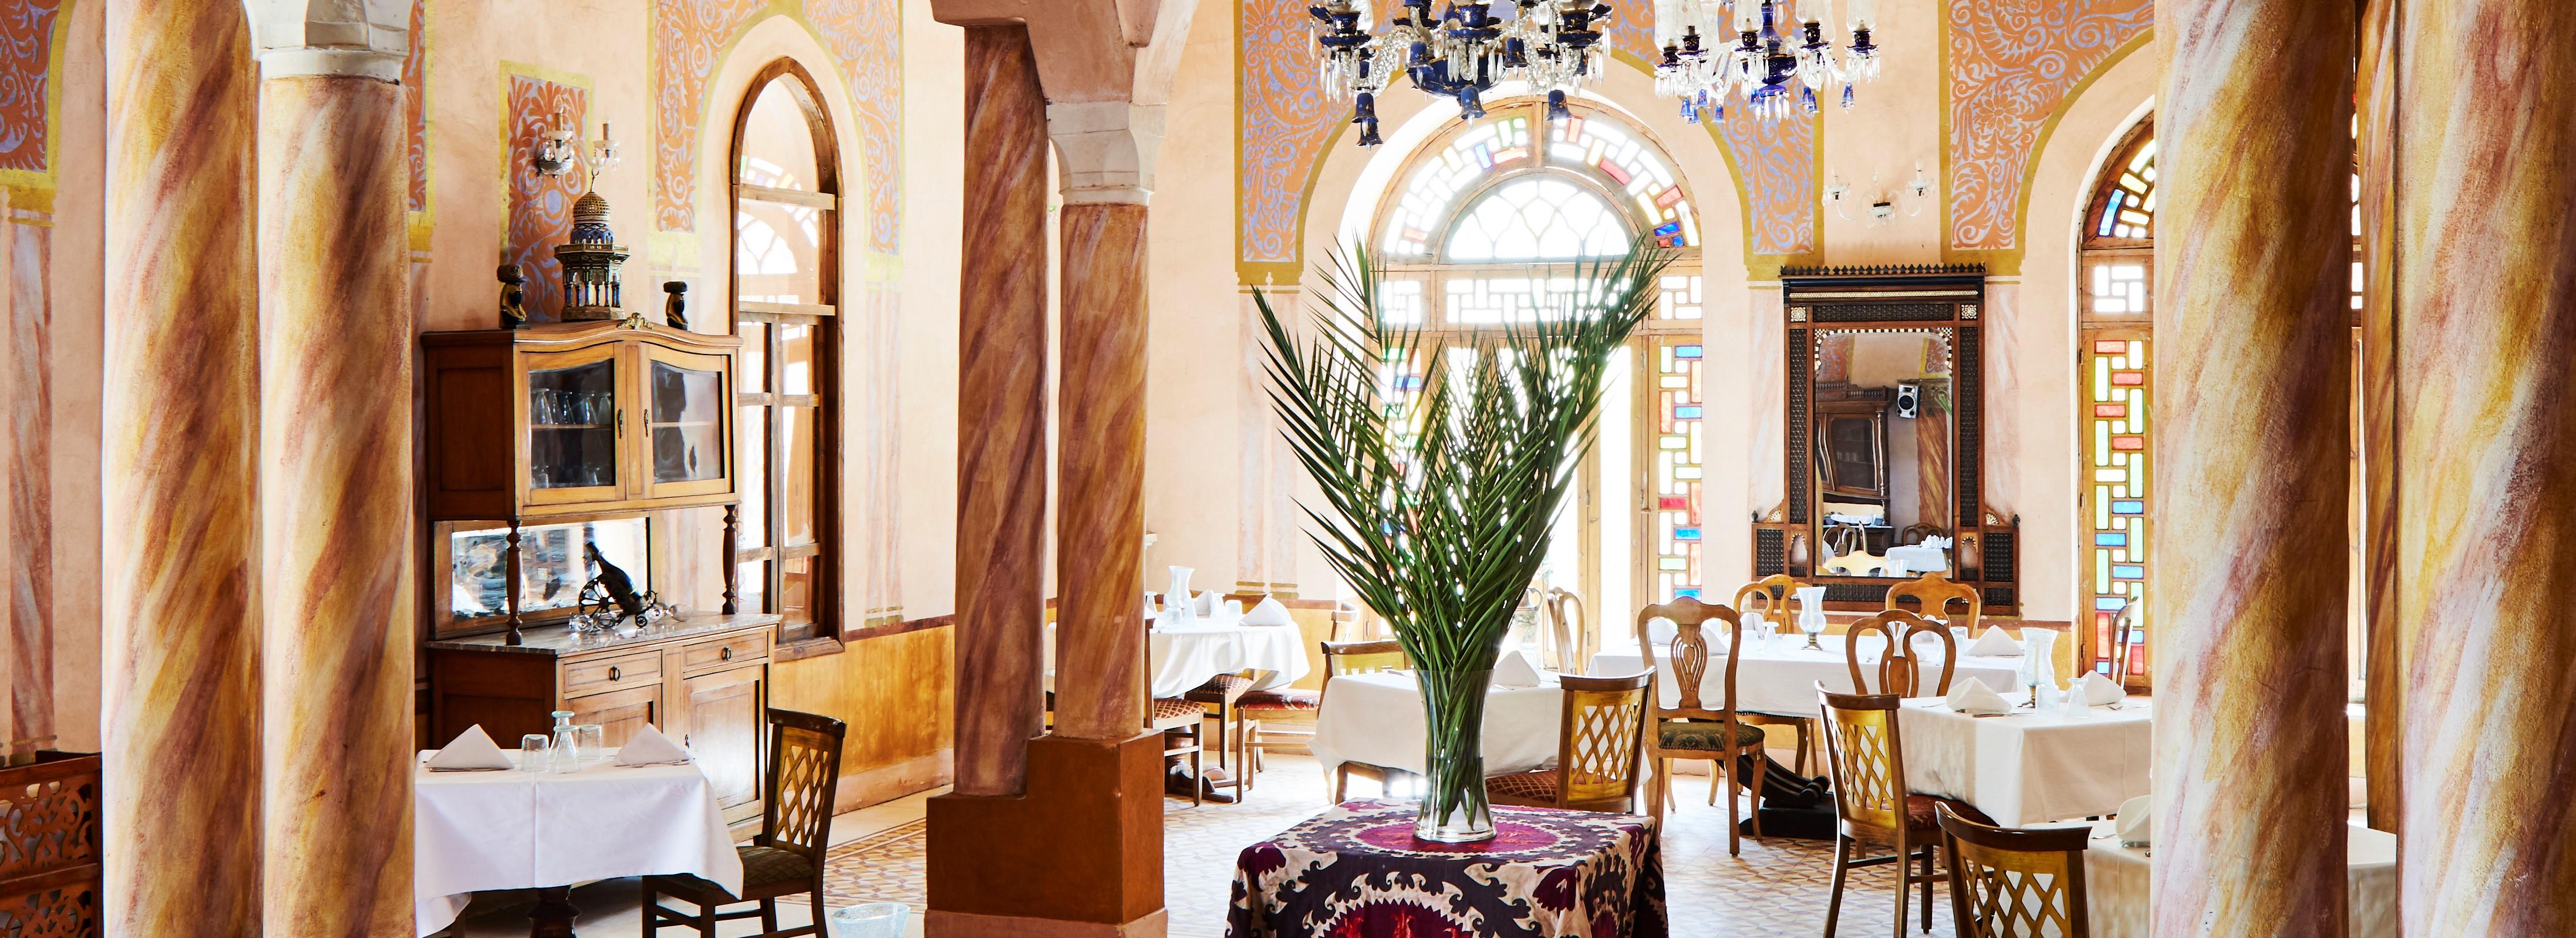 al-moudira-hotel-restaurant